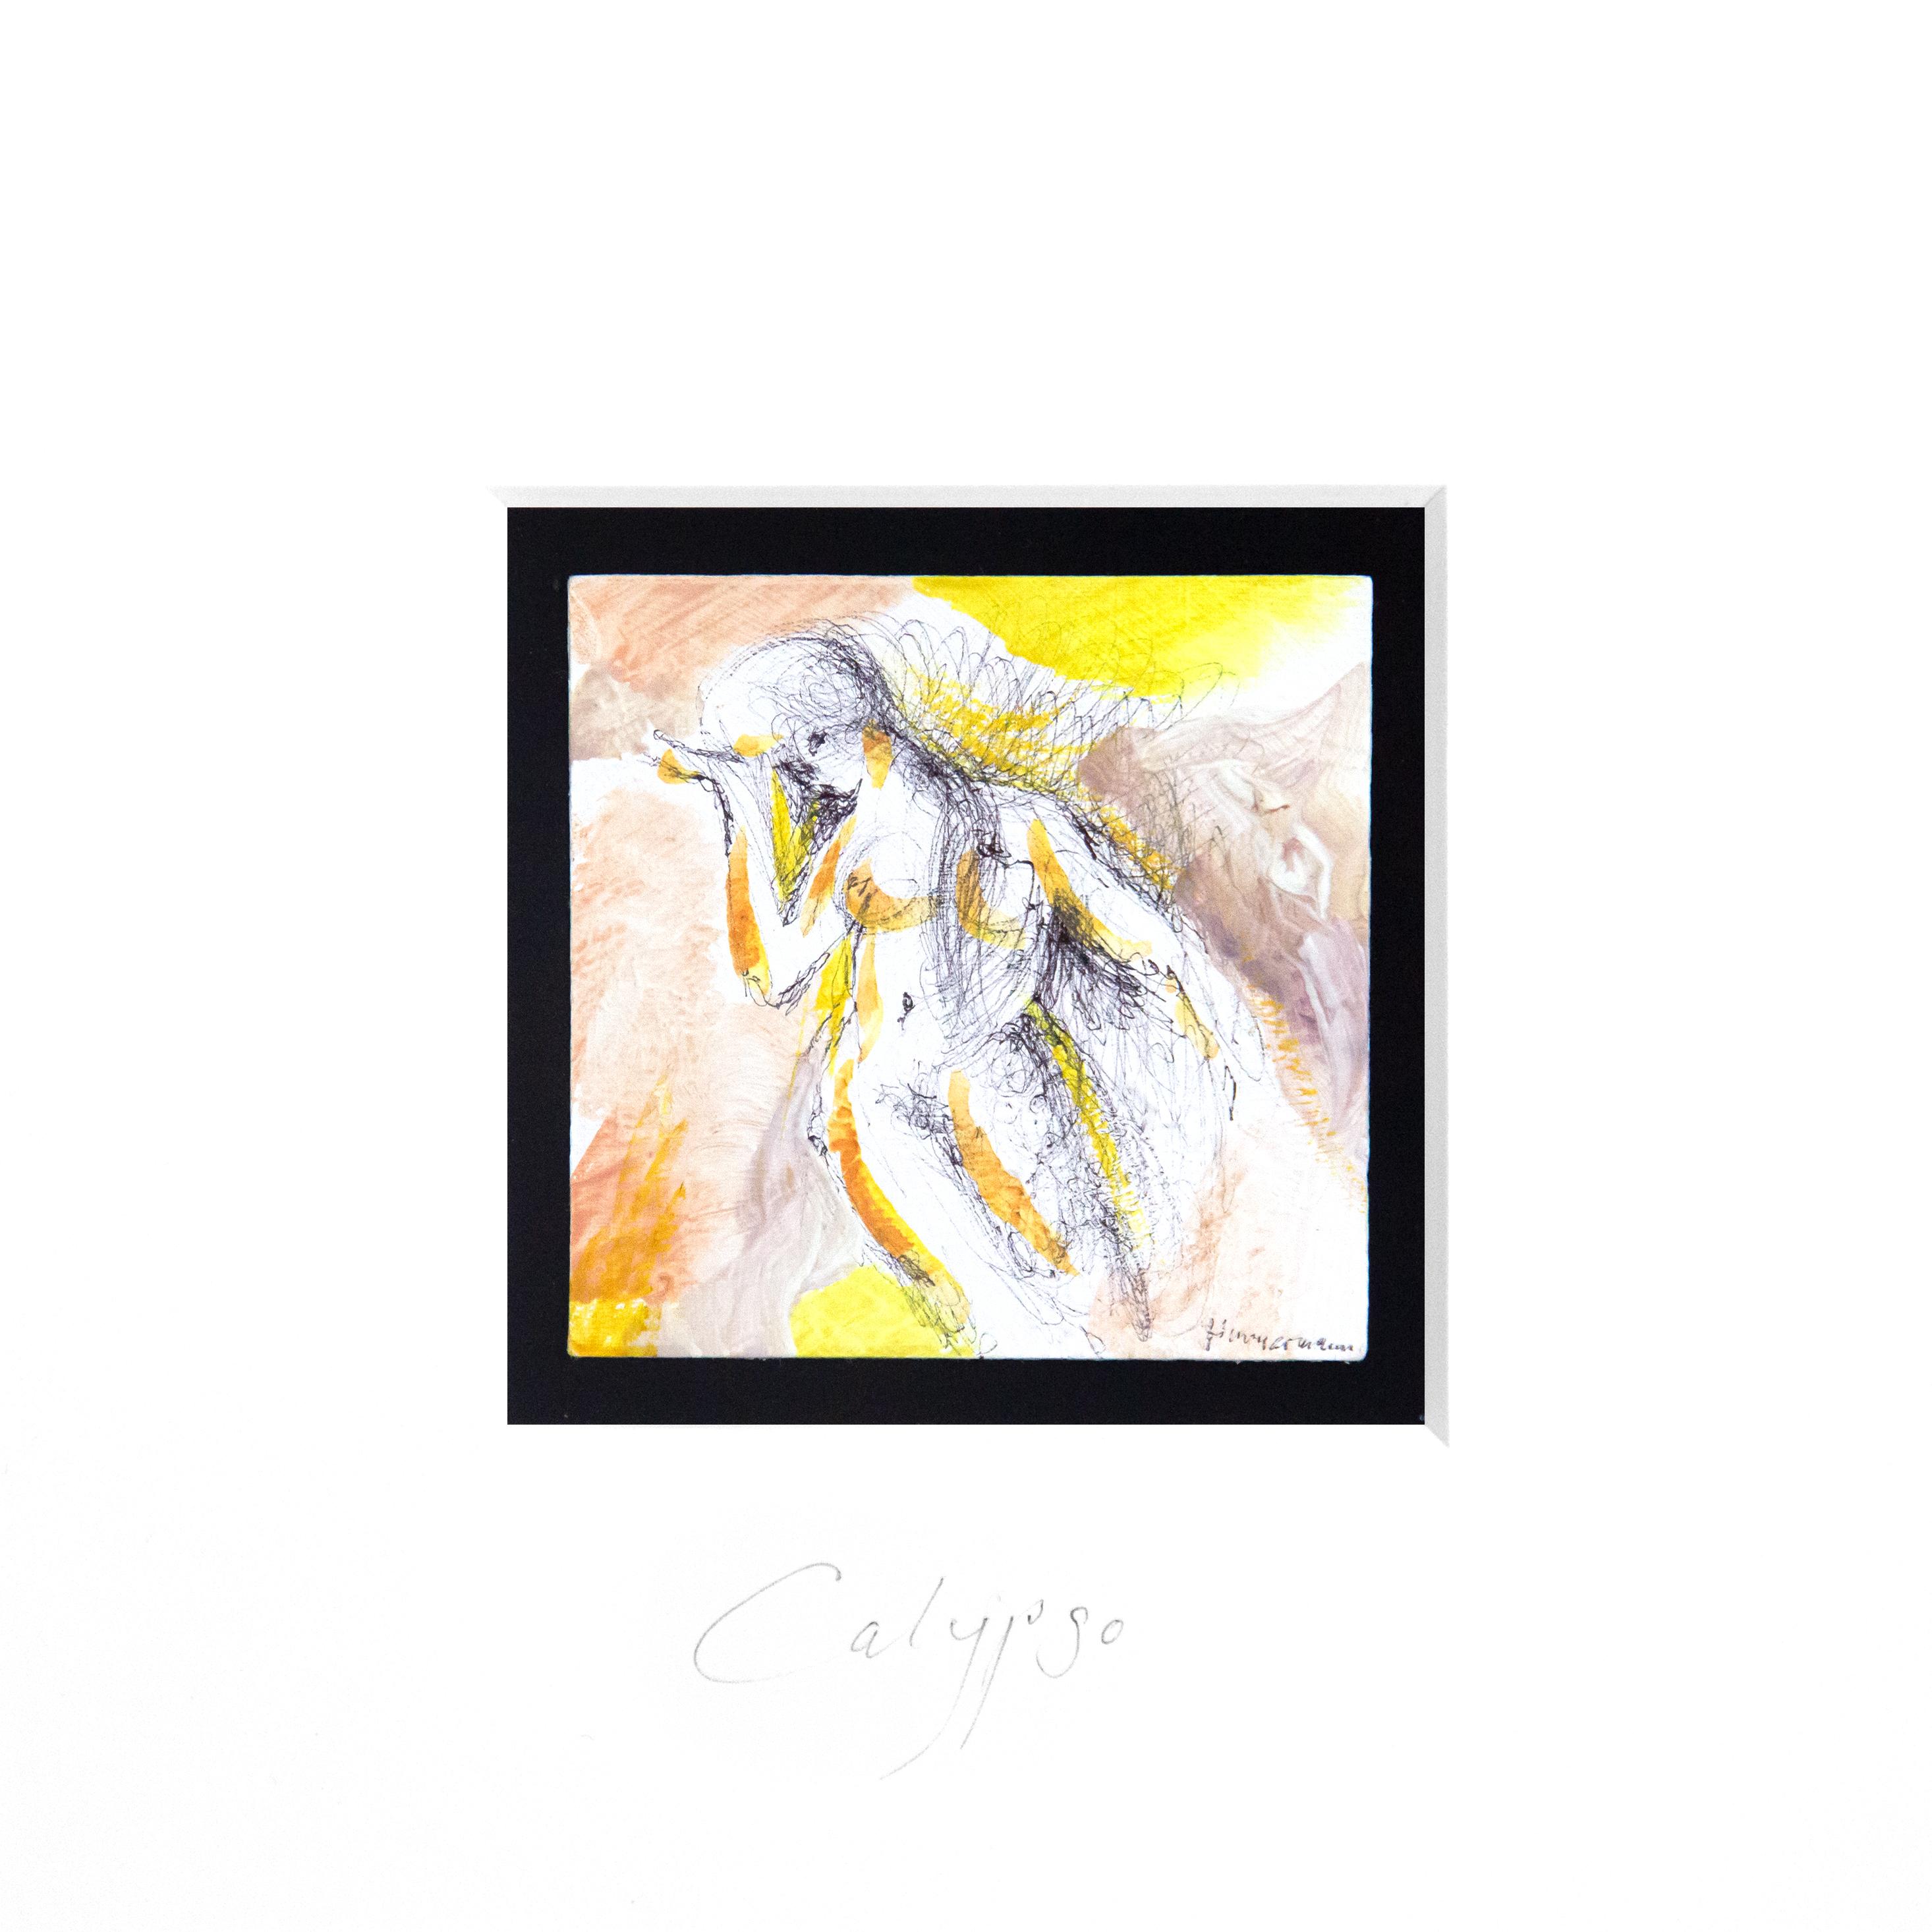 Calypso (Miniatur-Gemälde)